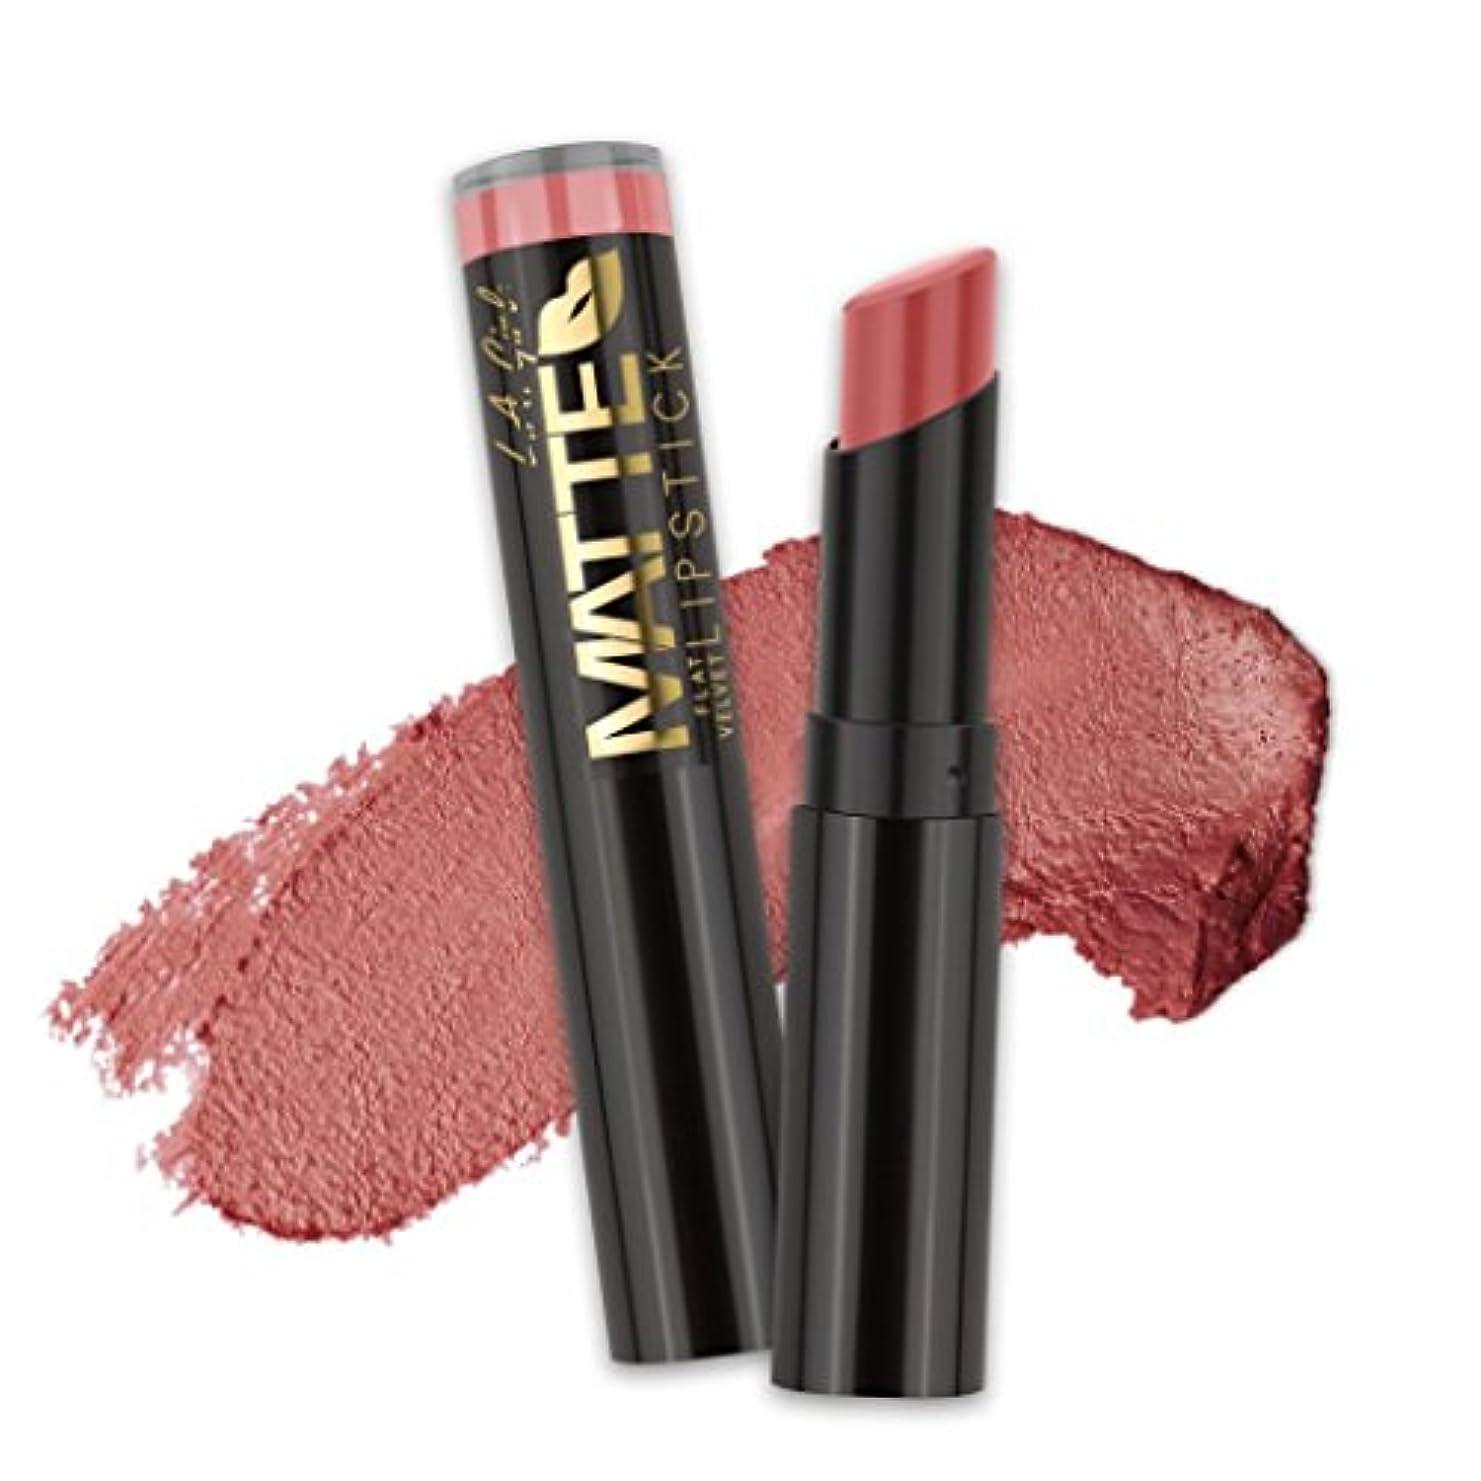 ウィスキー匹敵します構想する(6 Pack) L.A. GIRL Matte Flat Velvet Lipstick - Hush (並行輸入品)